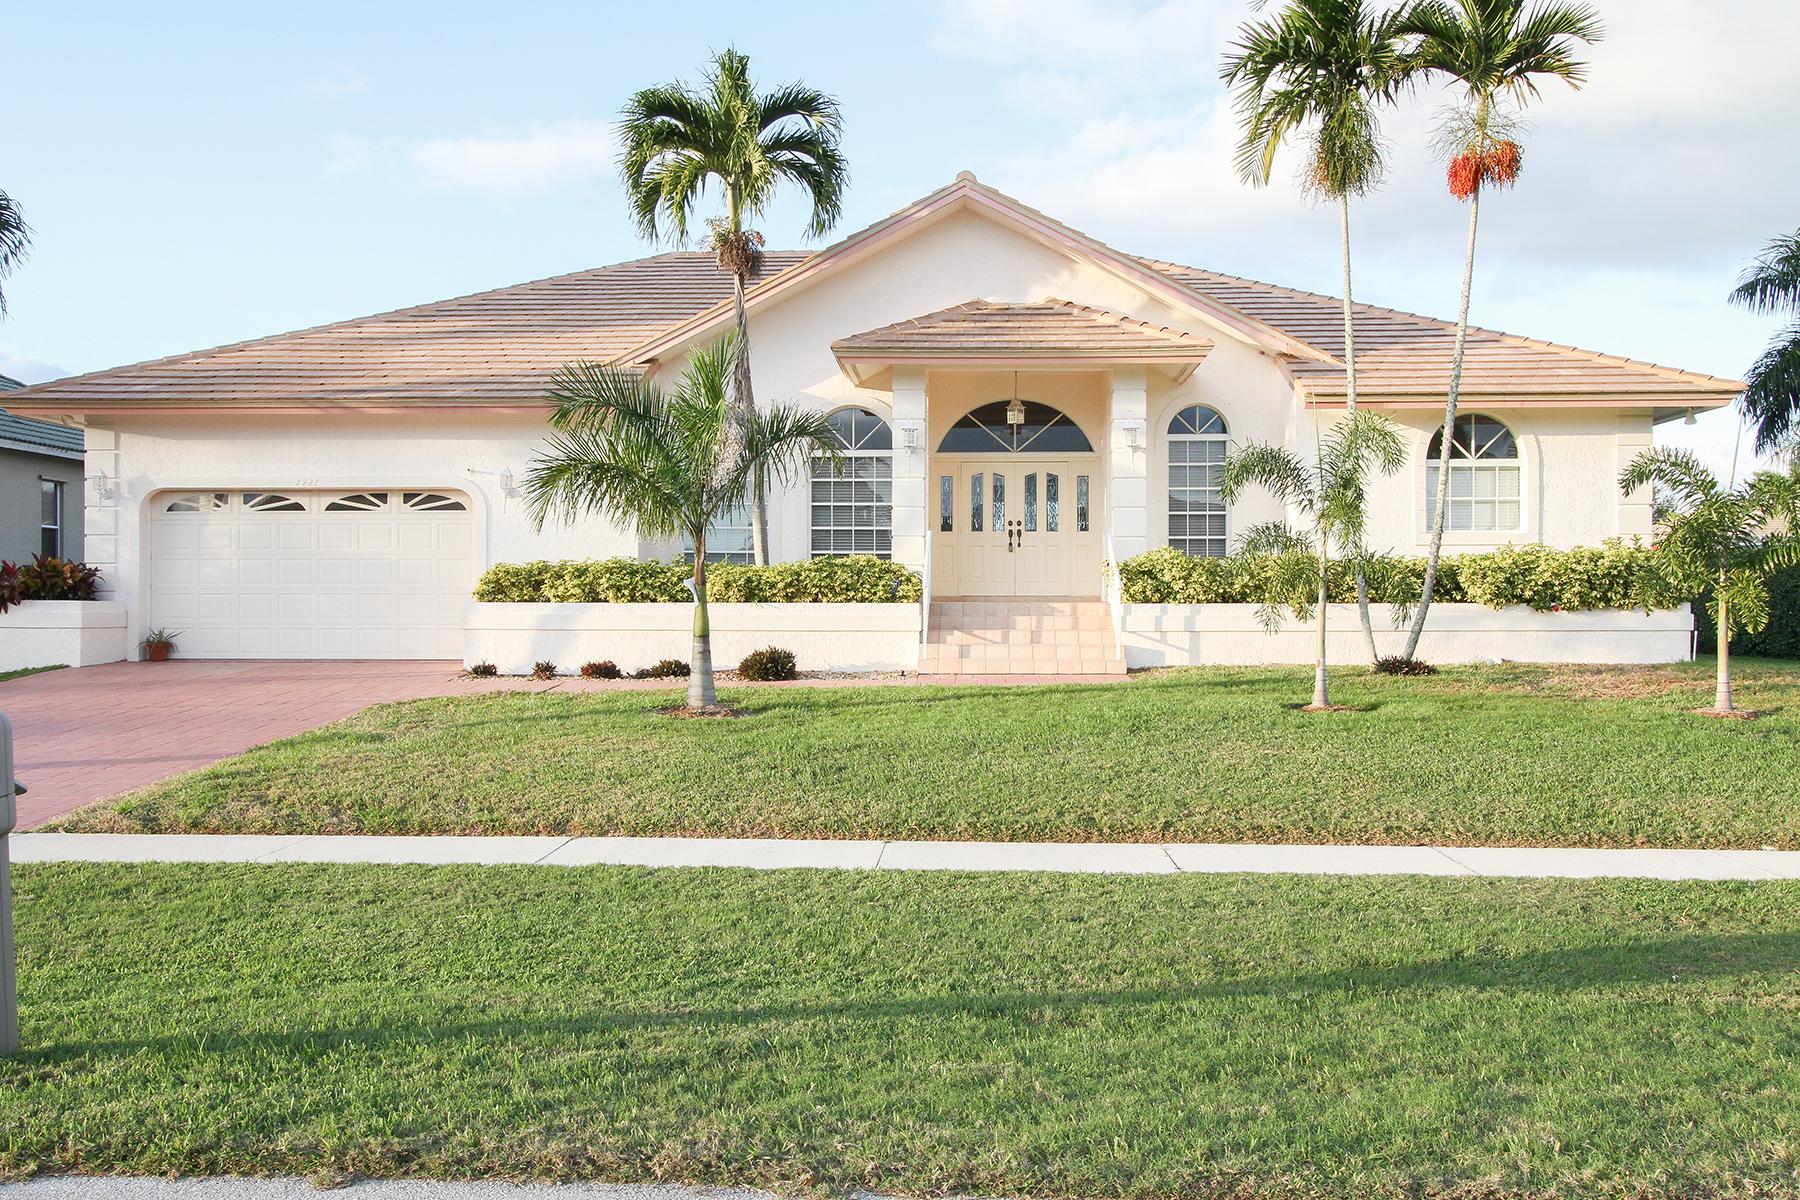 Casa para uma família para Venda às MARCO ISLAND - LUDLAM COURT 1221 Ludlam Ct Marco Island, Florida, 34145 Estados Unidos